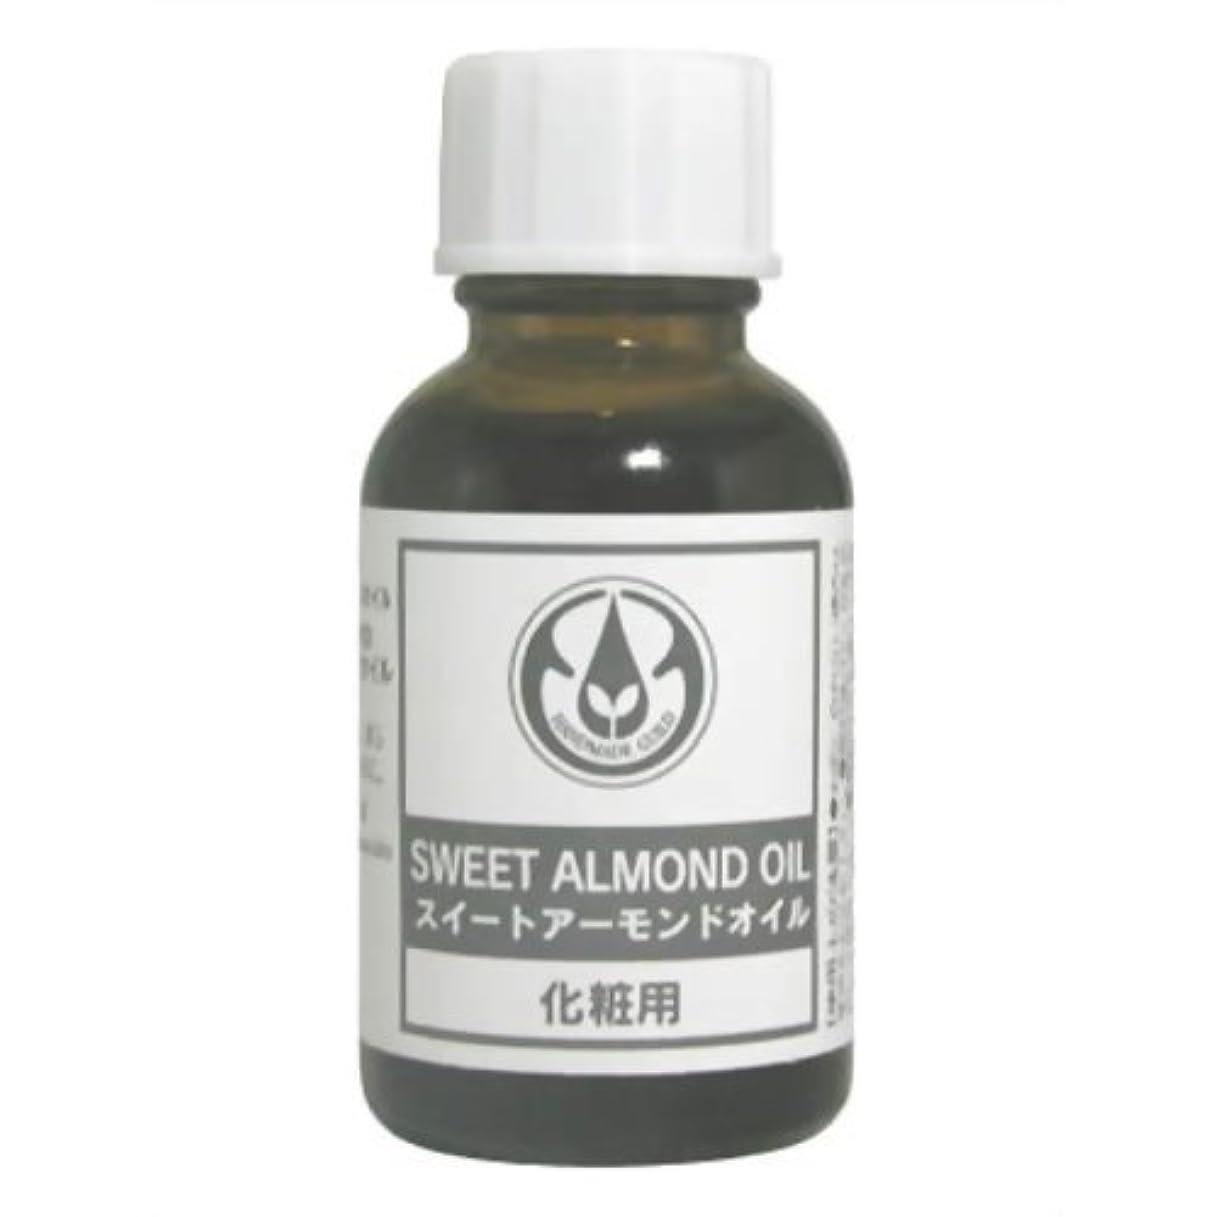 根拠偽善酸っぱい生活の木 スイートアーモンドオイル 25ml